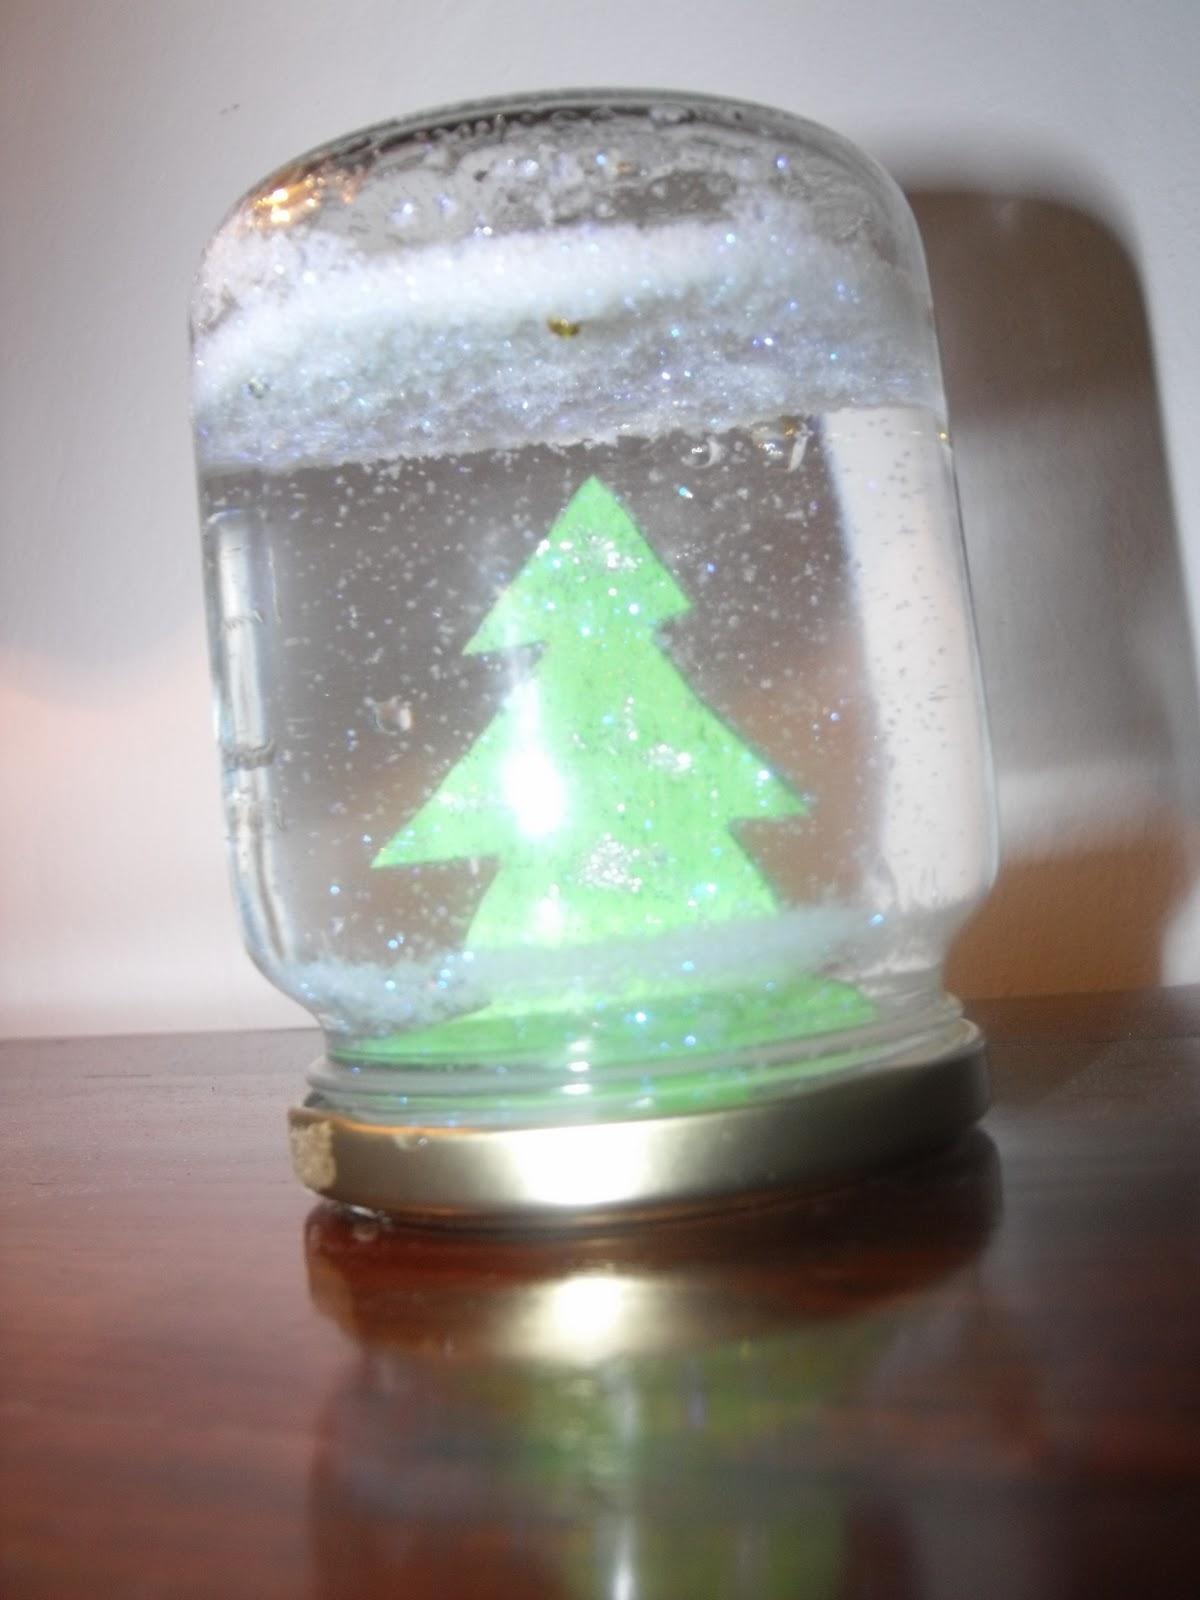 Lavoretti Di Natale Riciclo Creativo.Lavoretti Di Riciclo Creativo La Boule Di Natale Il Blog